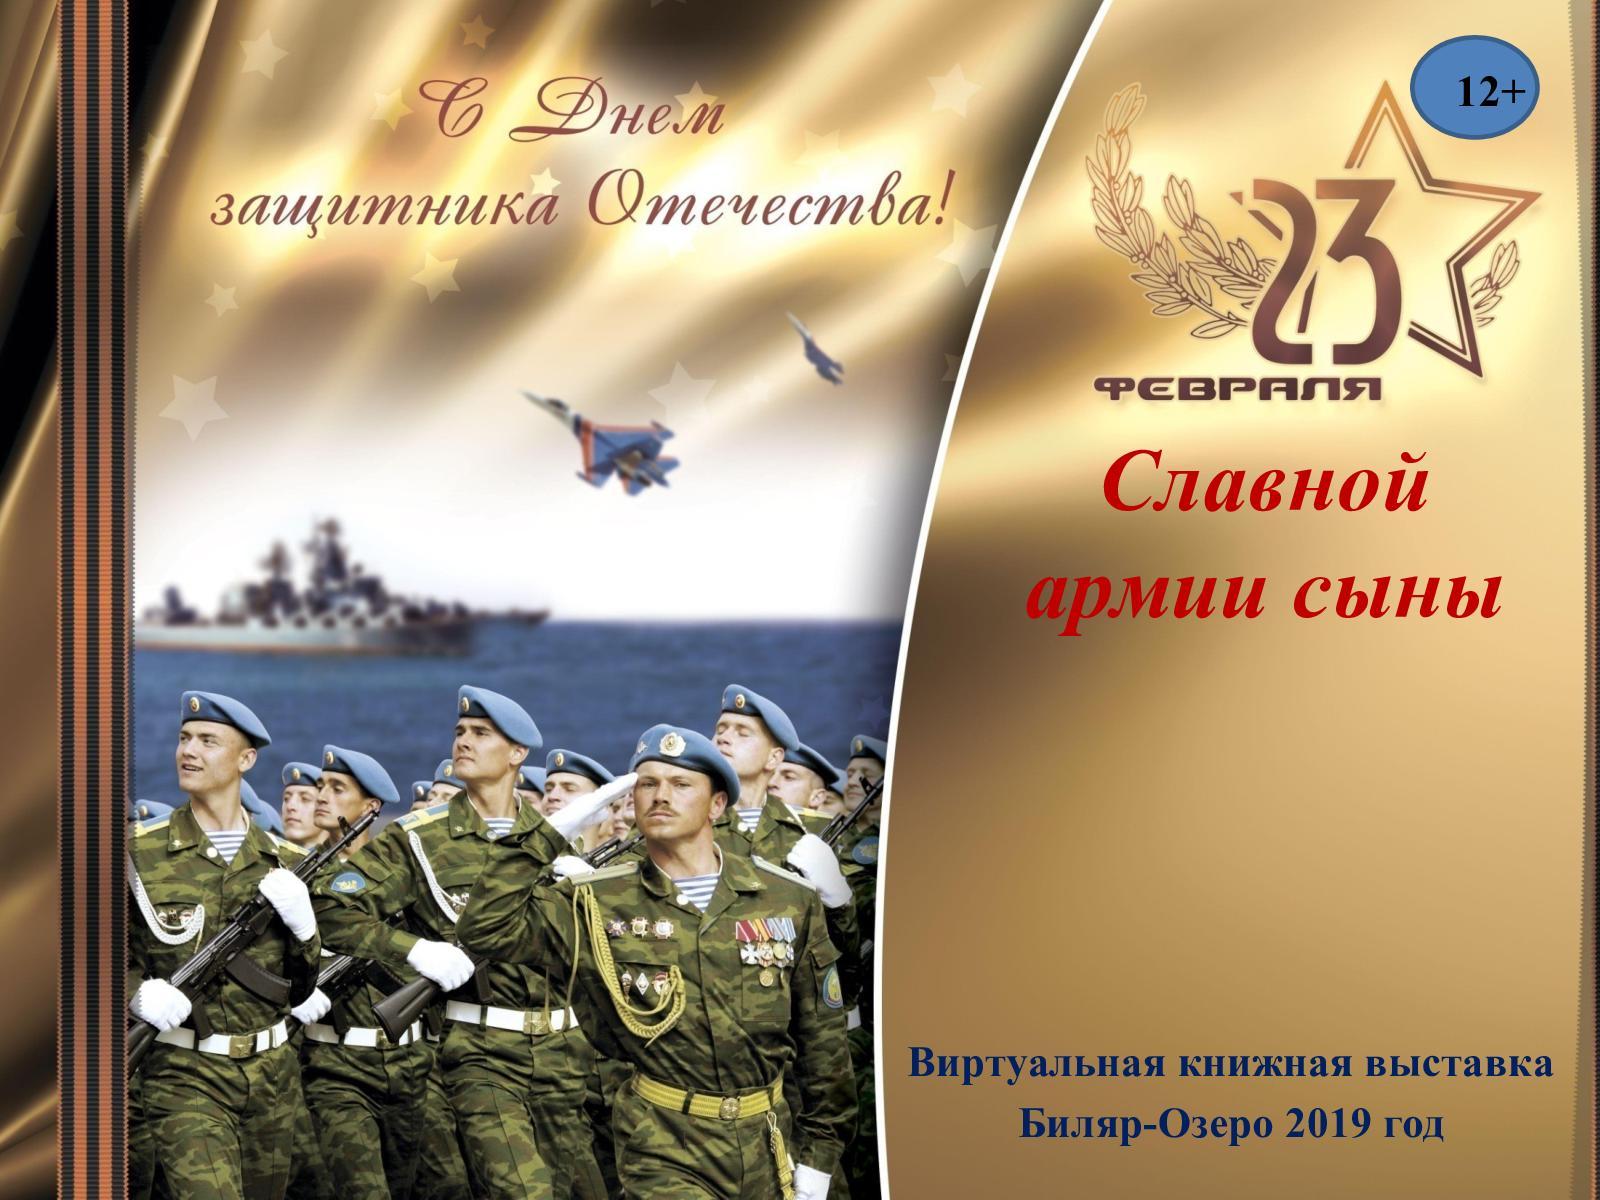 Открытка и стих солдату, картинки открытка февраля